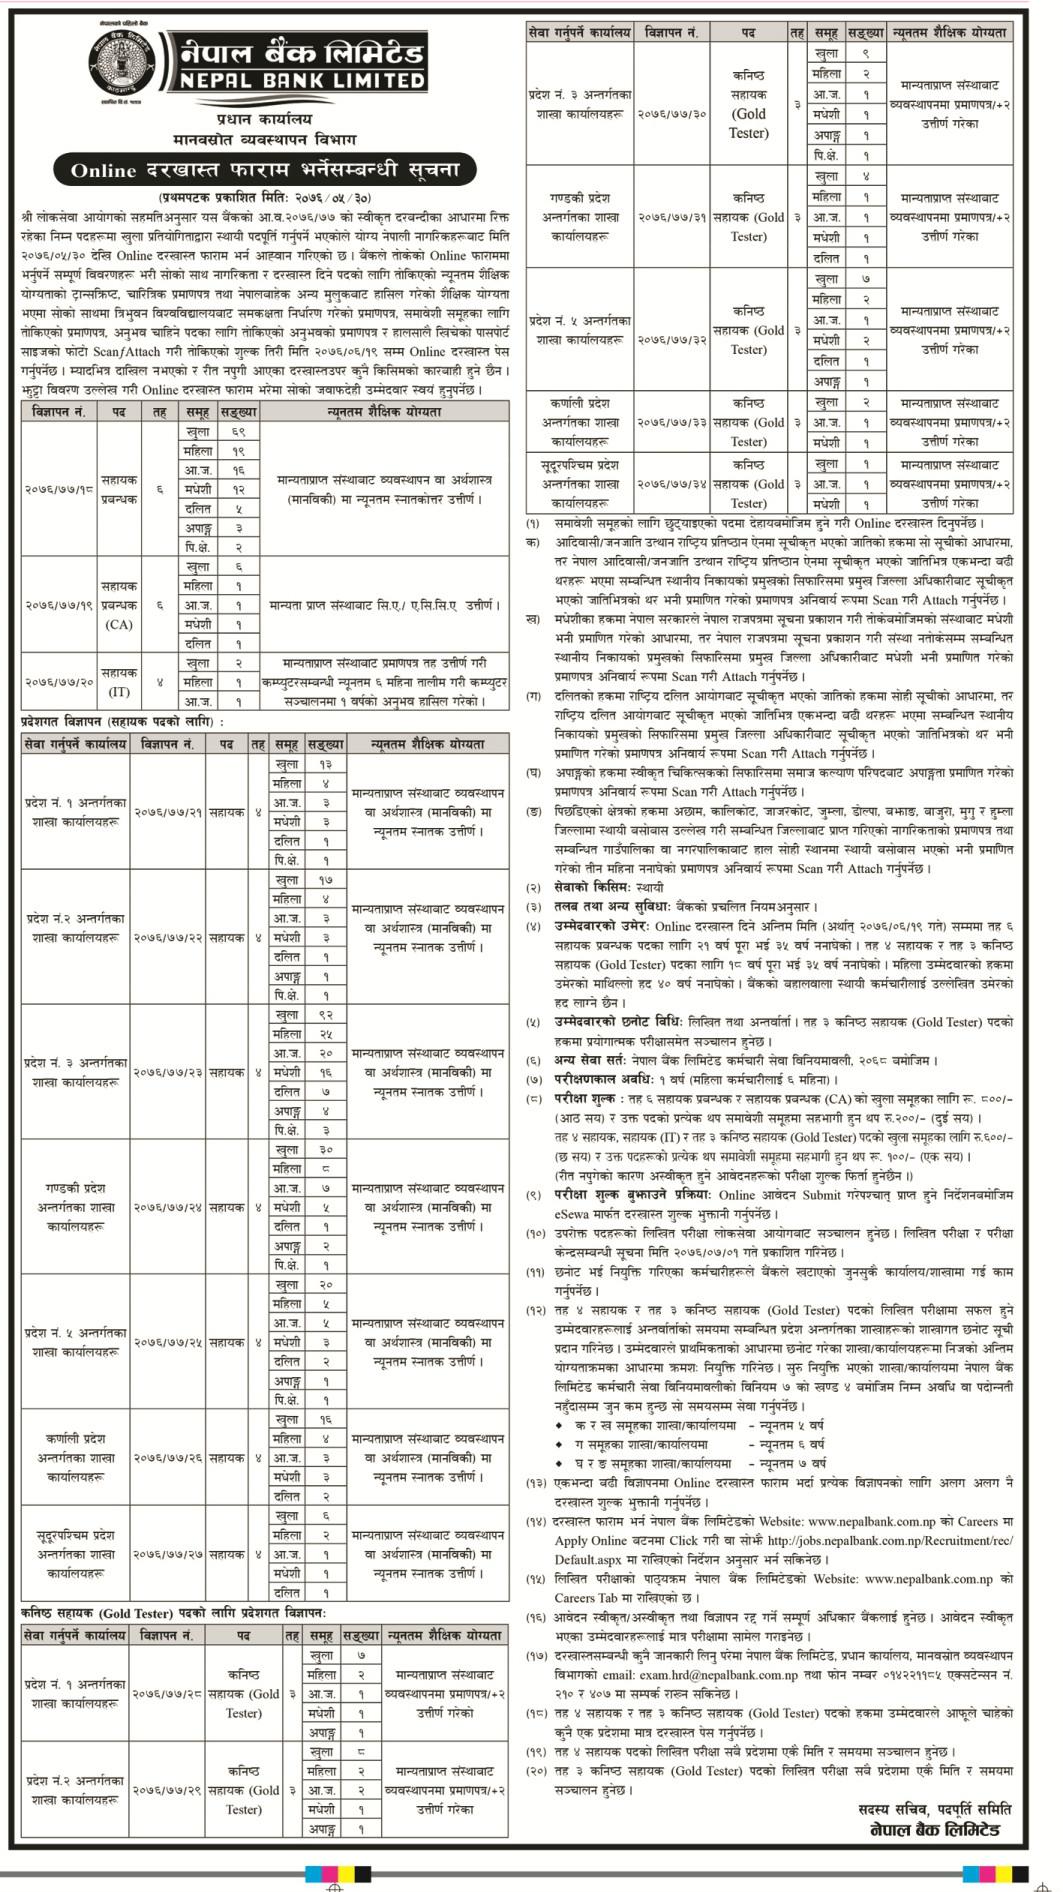 nepal bank limited